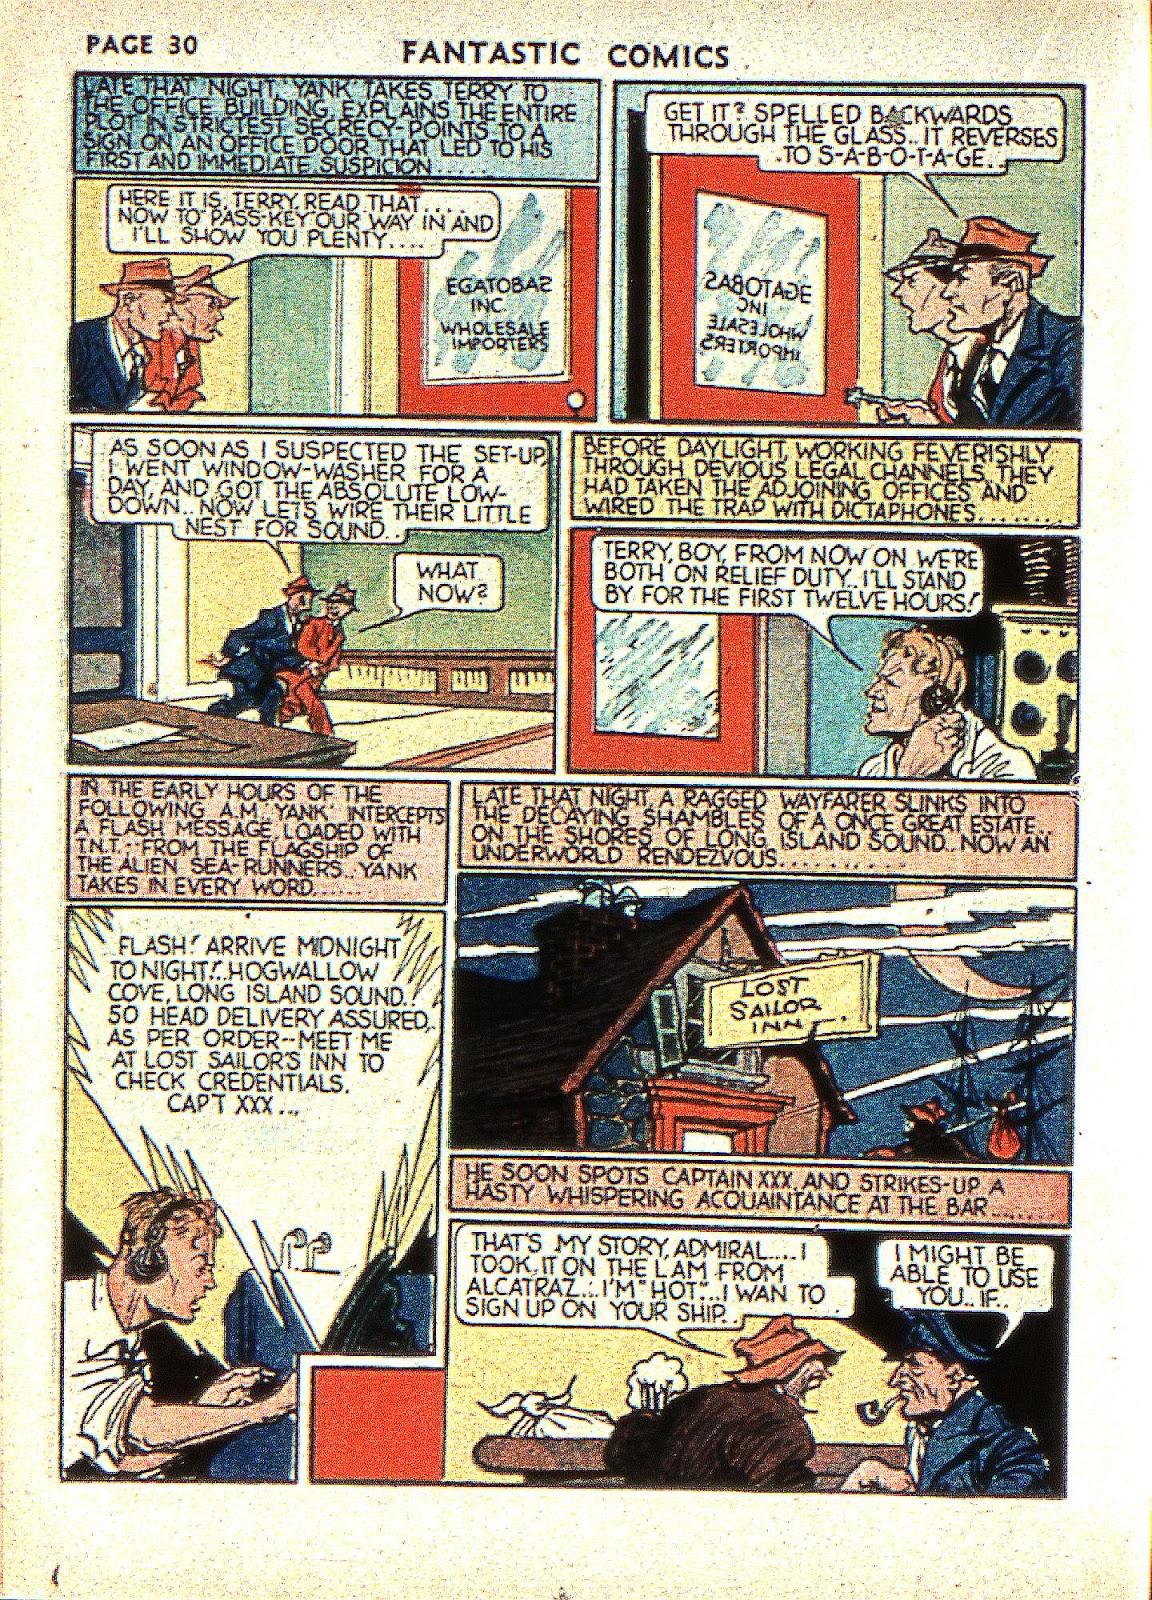 Read online Fantastic Comics comic -  Issue #2 - 32